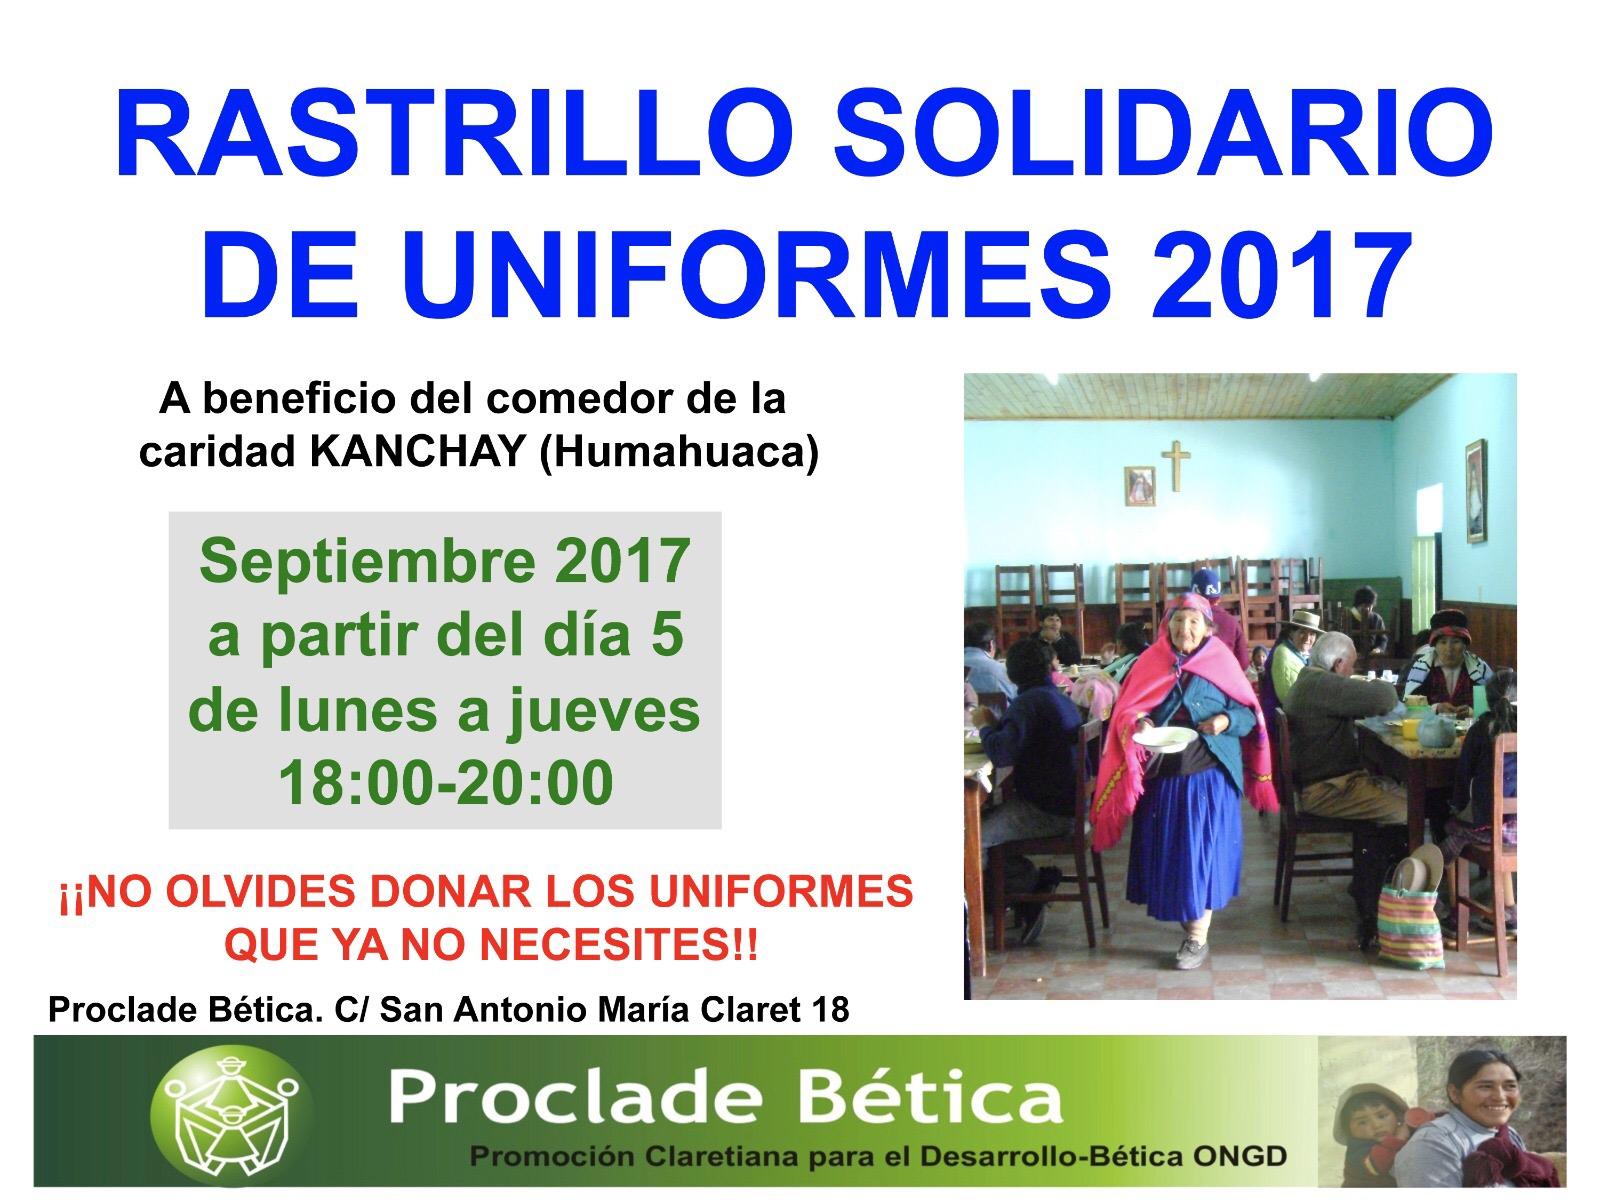 Rastrillo Solidario de Uniformes 2017